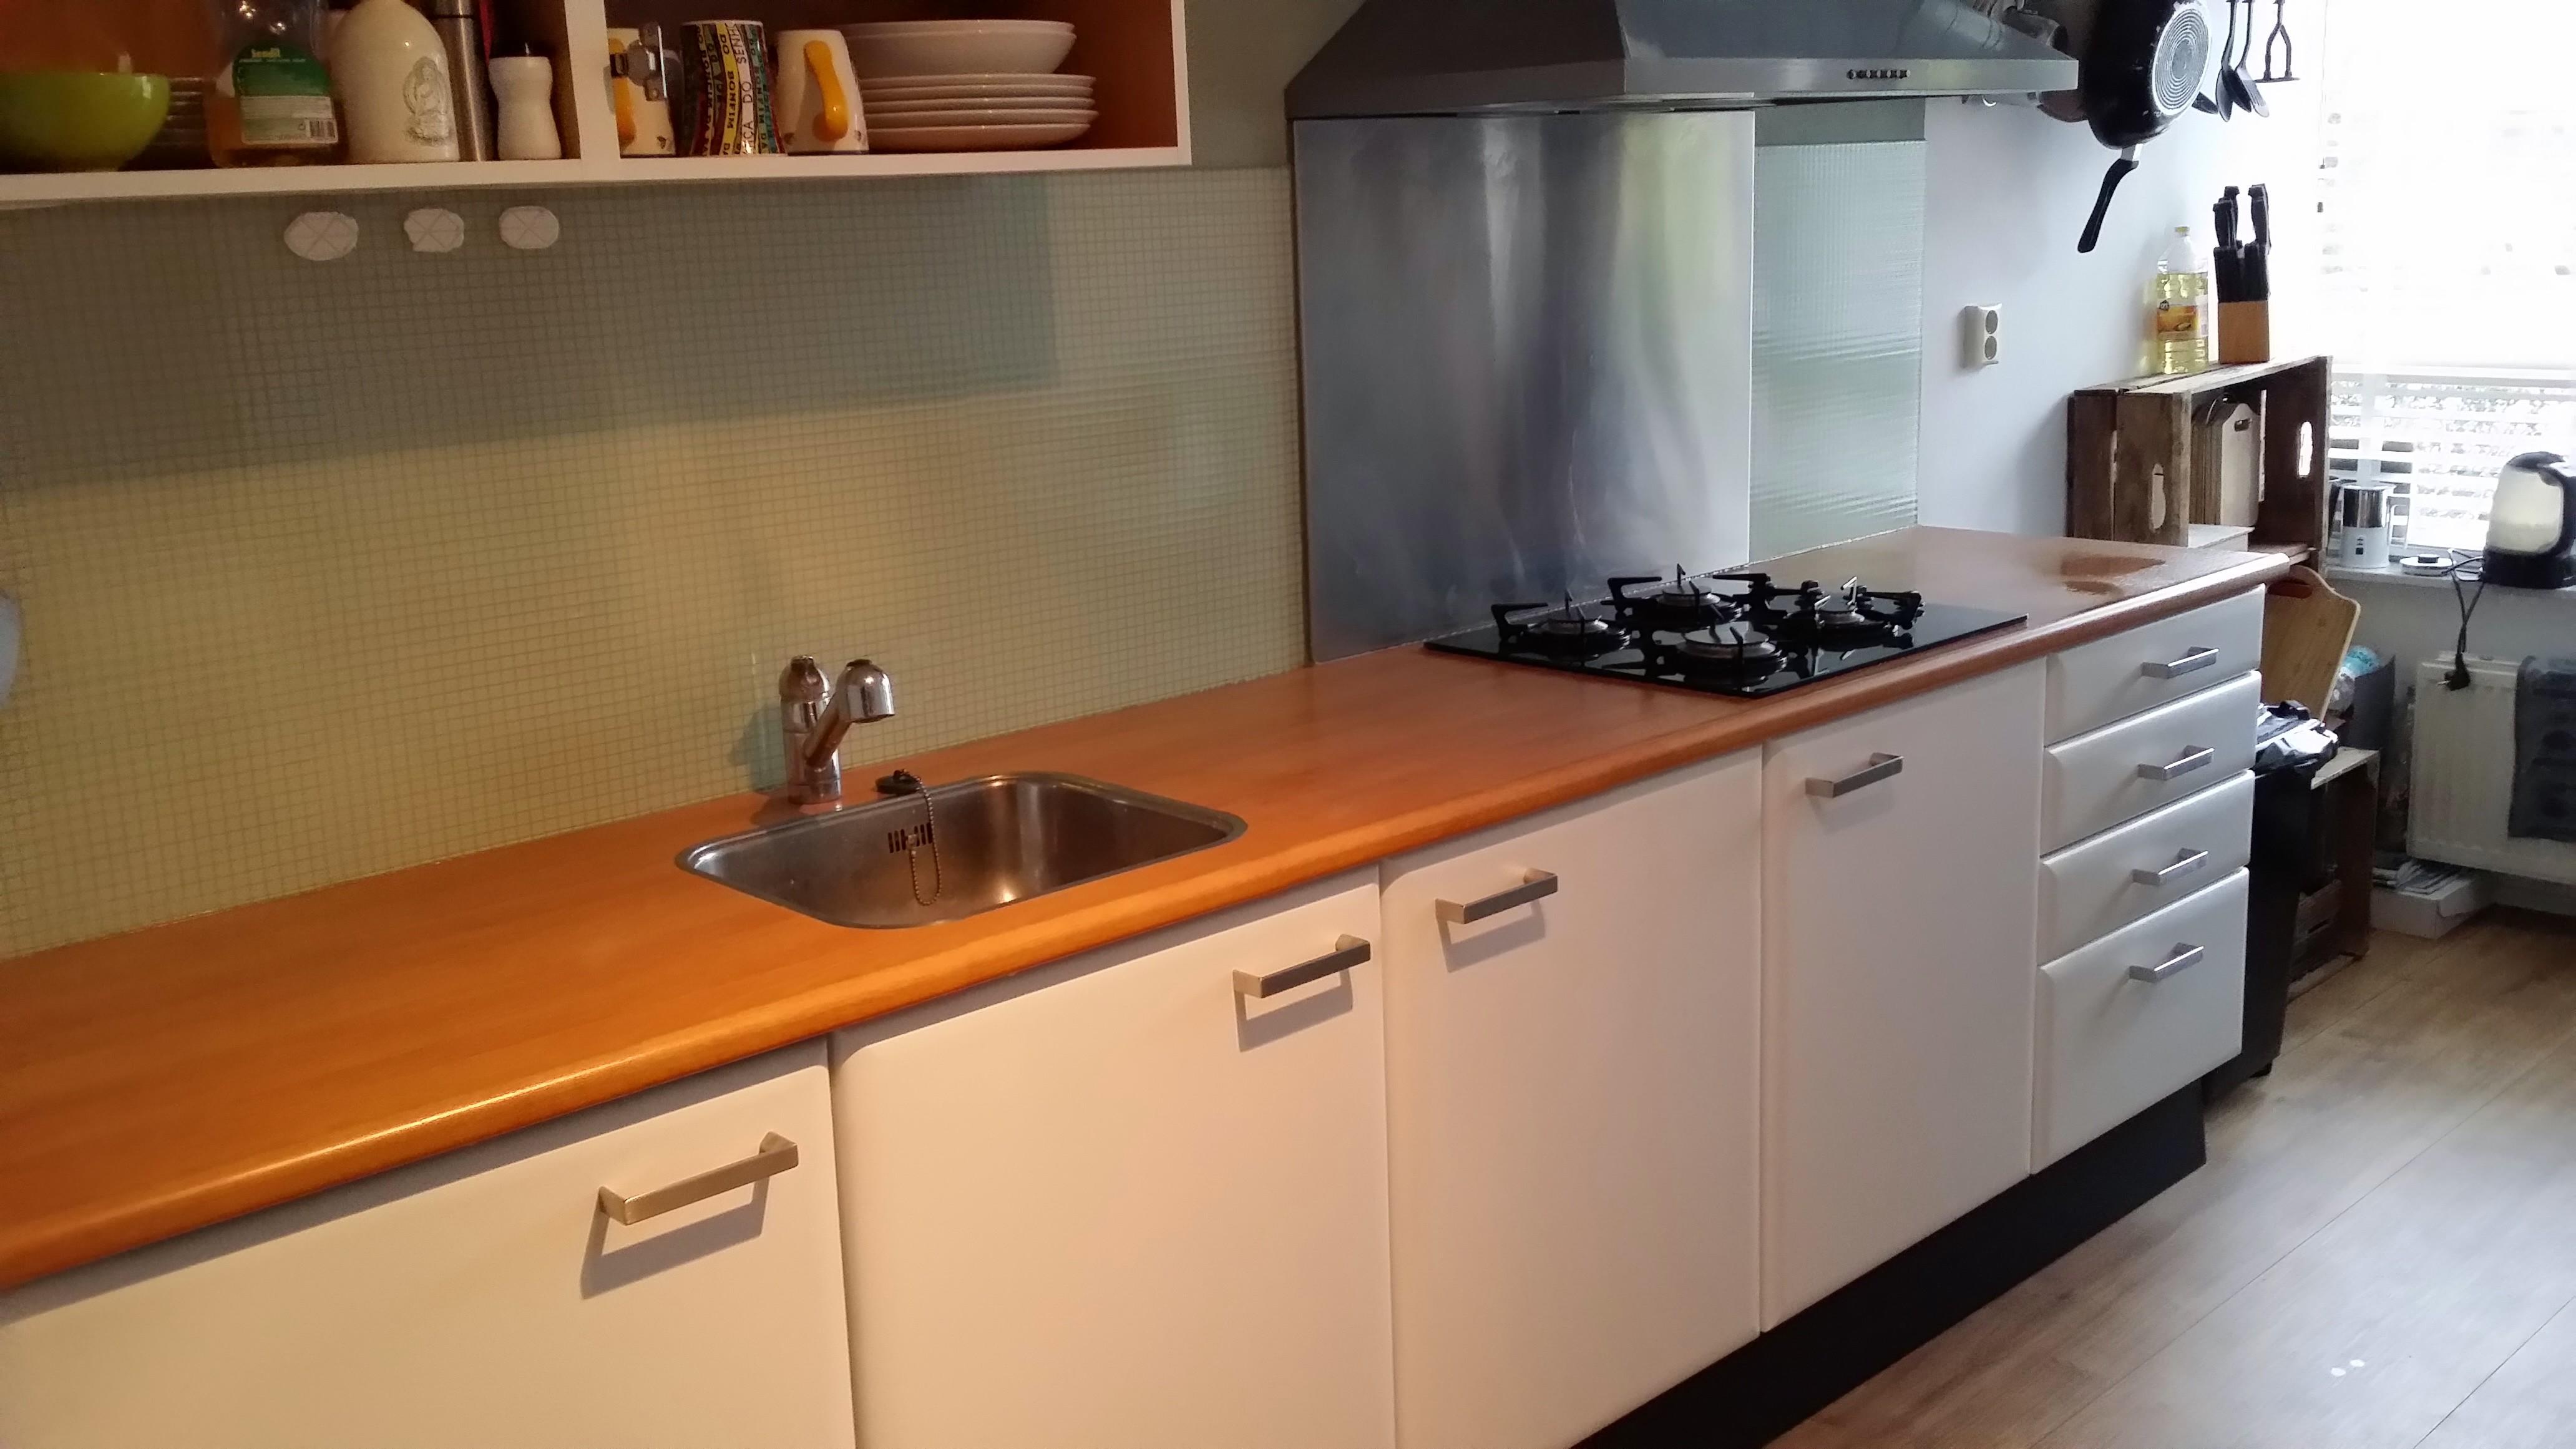 keuken tegels vervangen : Keuken Blauw Beuken Naar Mat Wit Inclusief Metallic Grijs